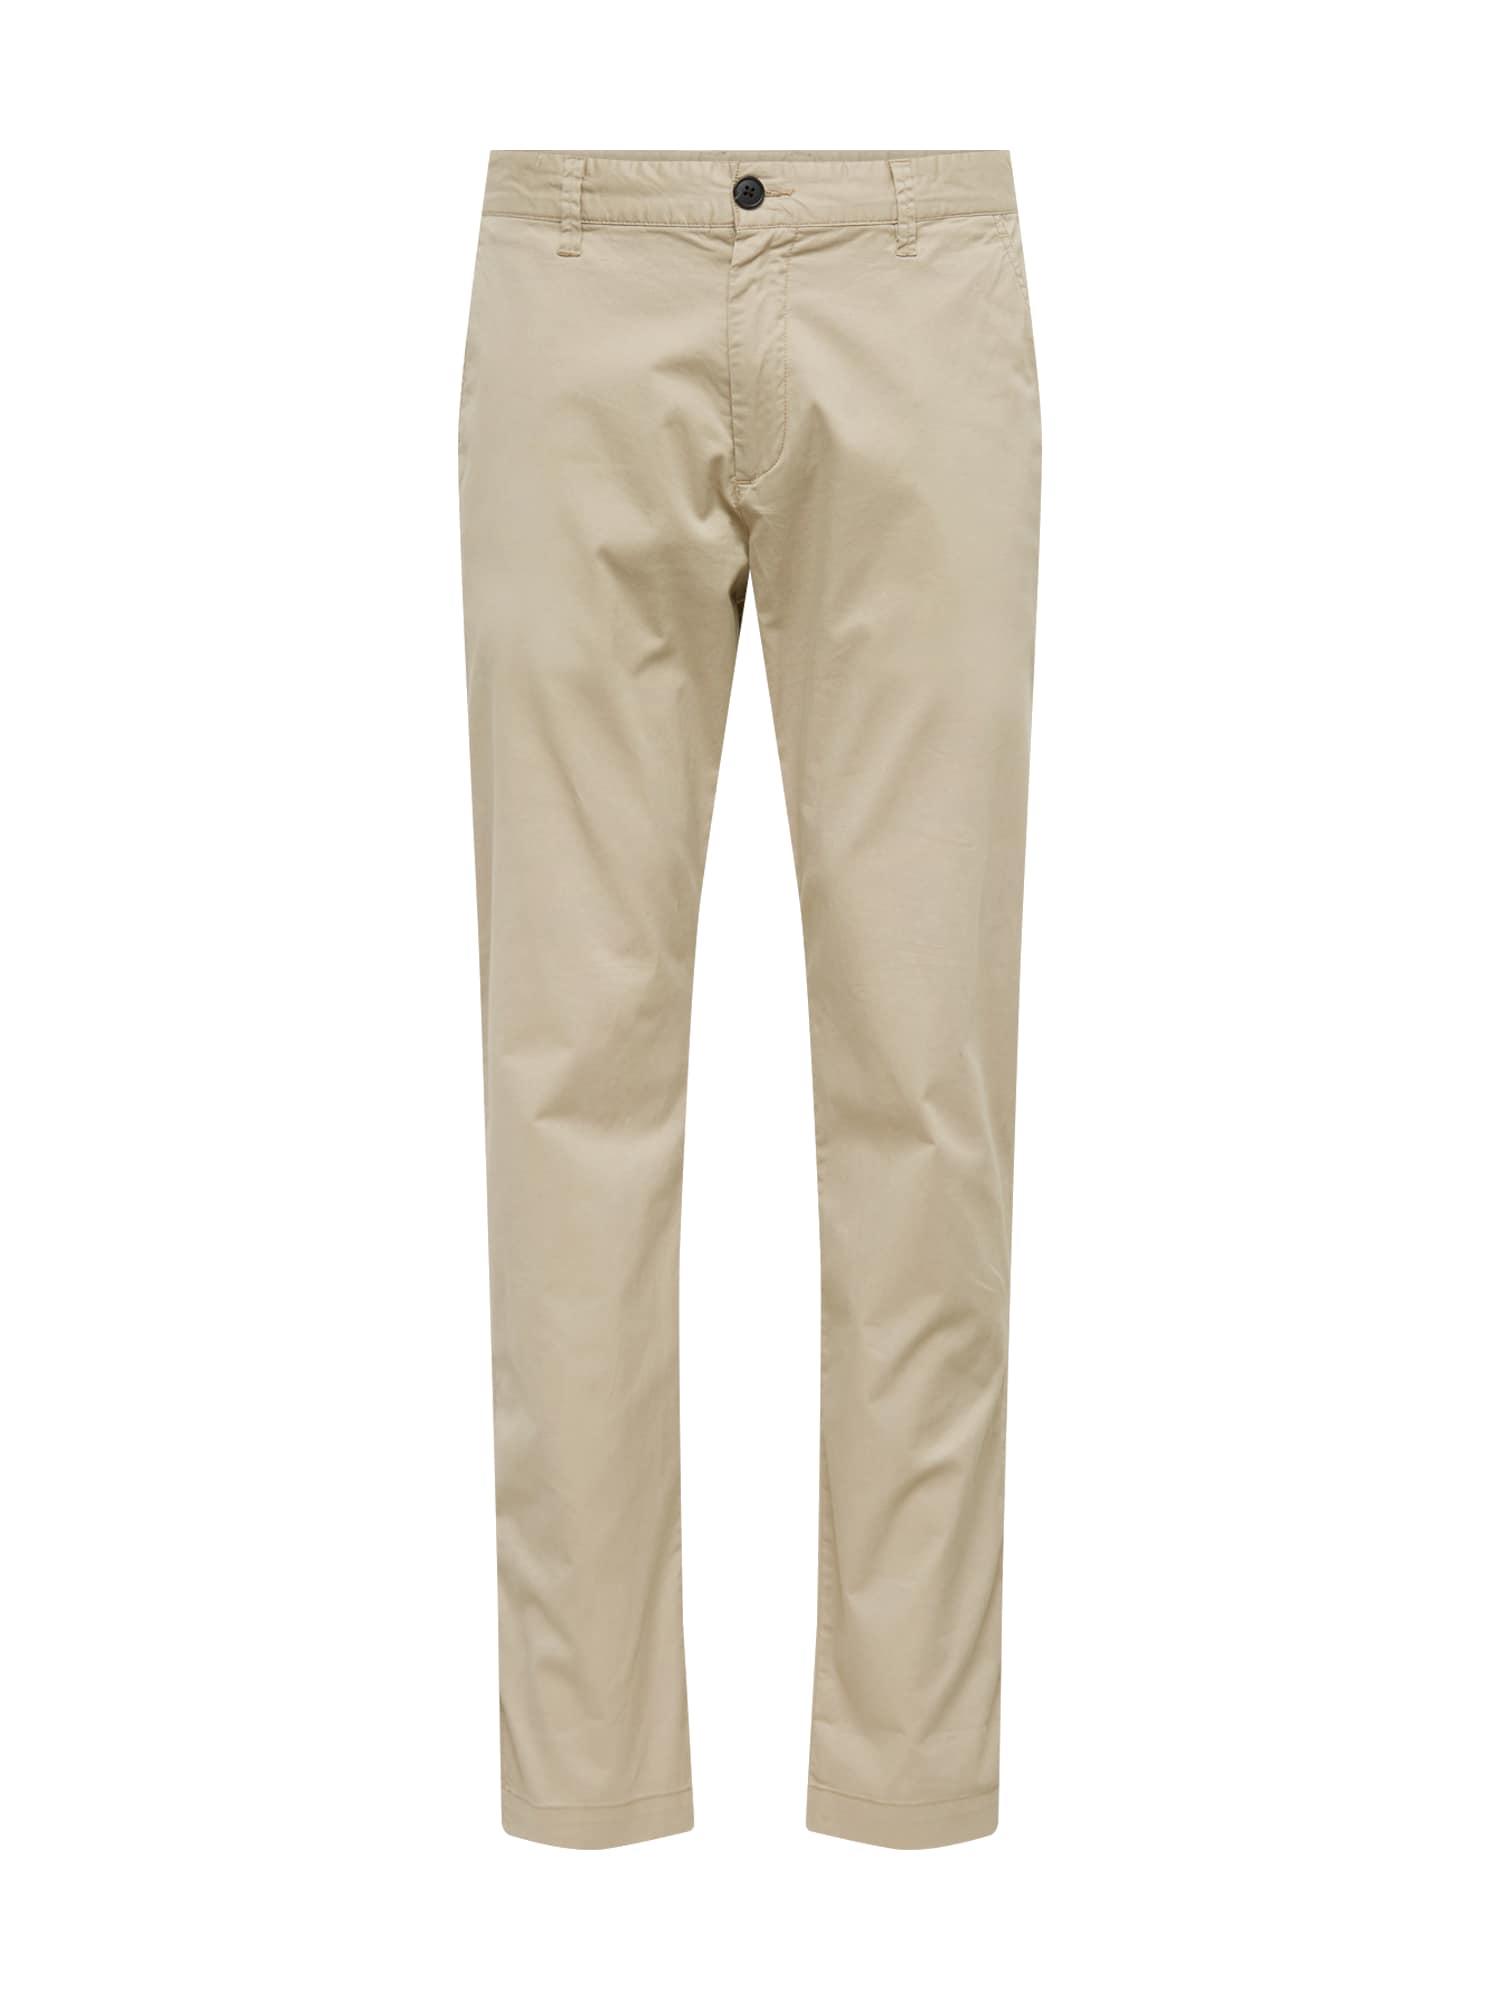 Chino kalhoty LUKE béžová SELECTED HOMME